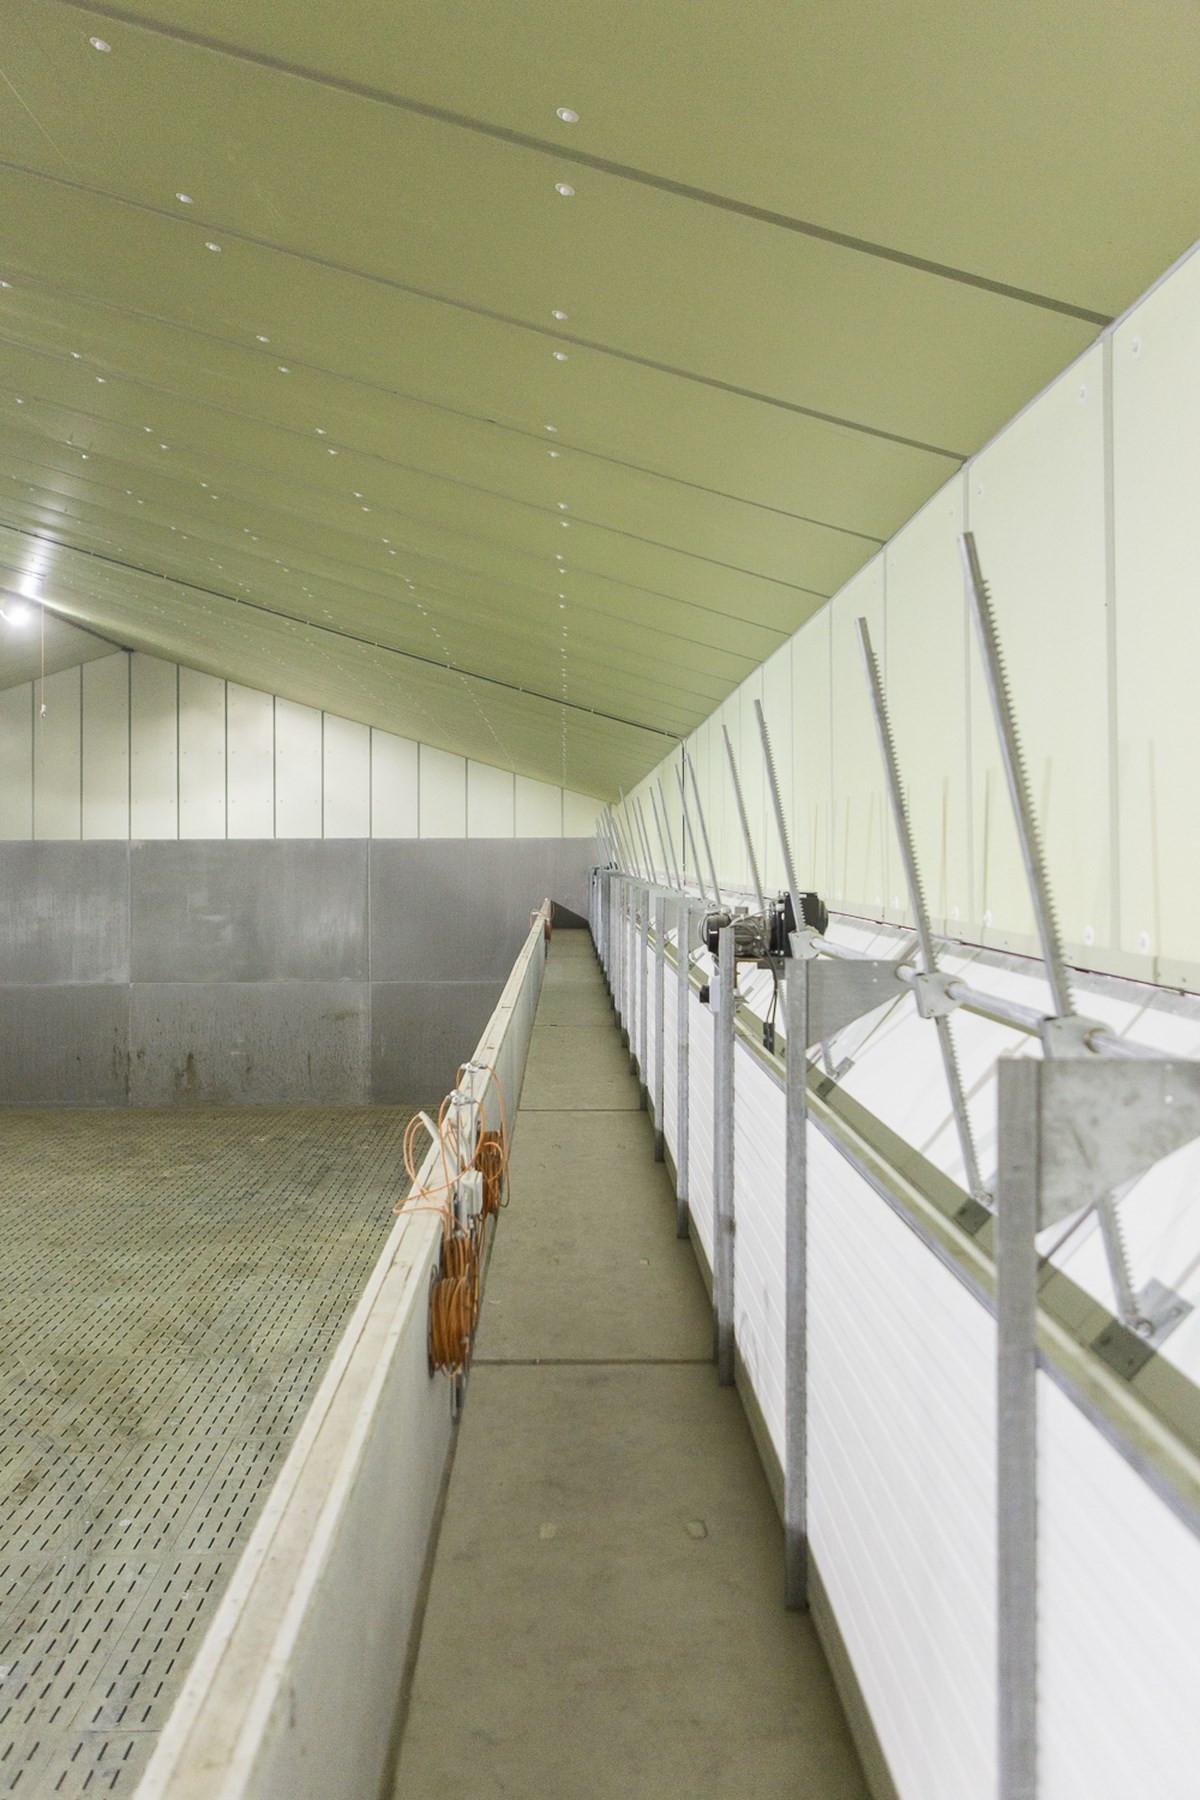 LV Dauchy_Wijtschate_aardappelloods_hangar_pomme_de_terre12.jpg